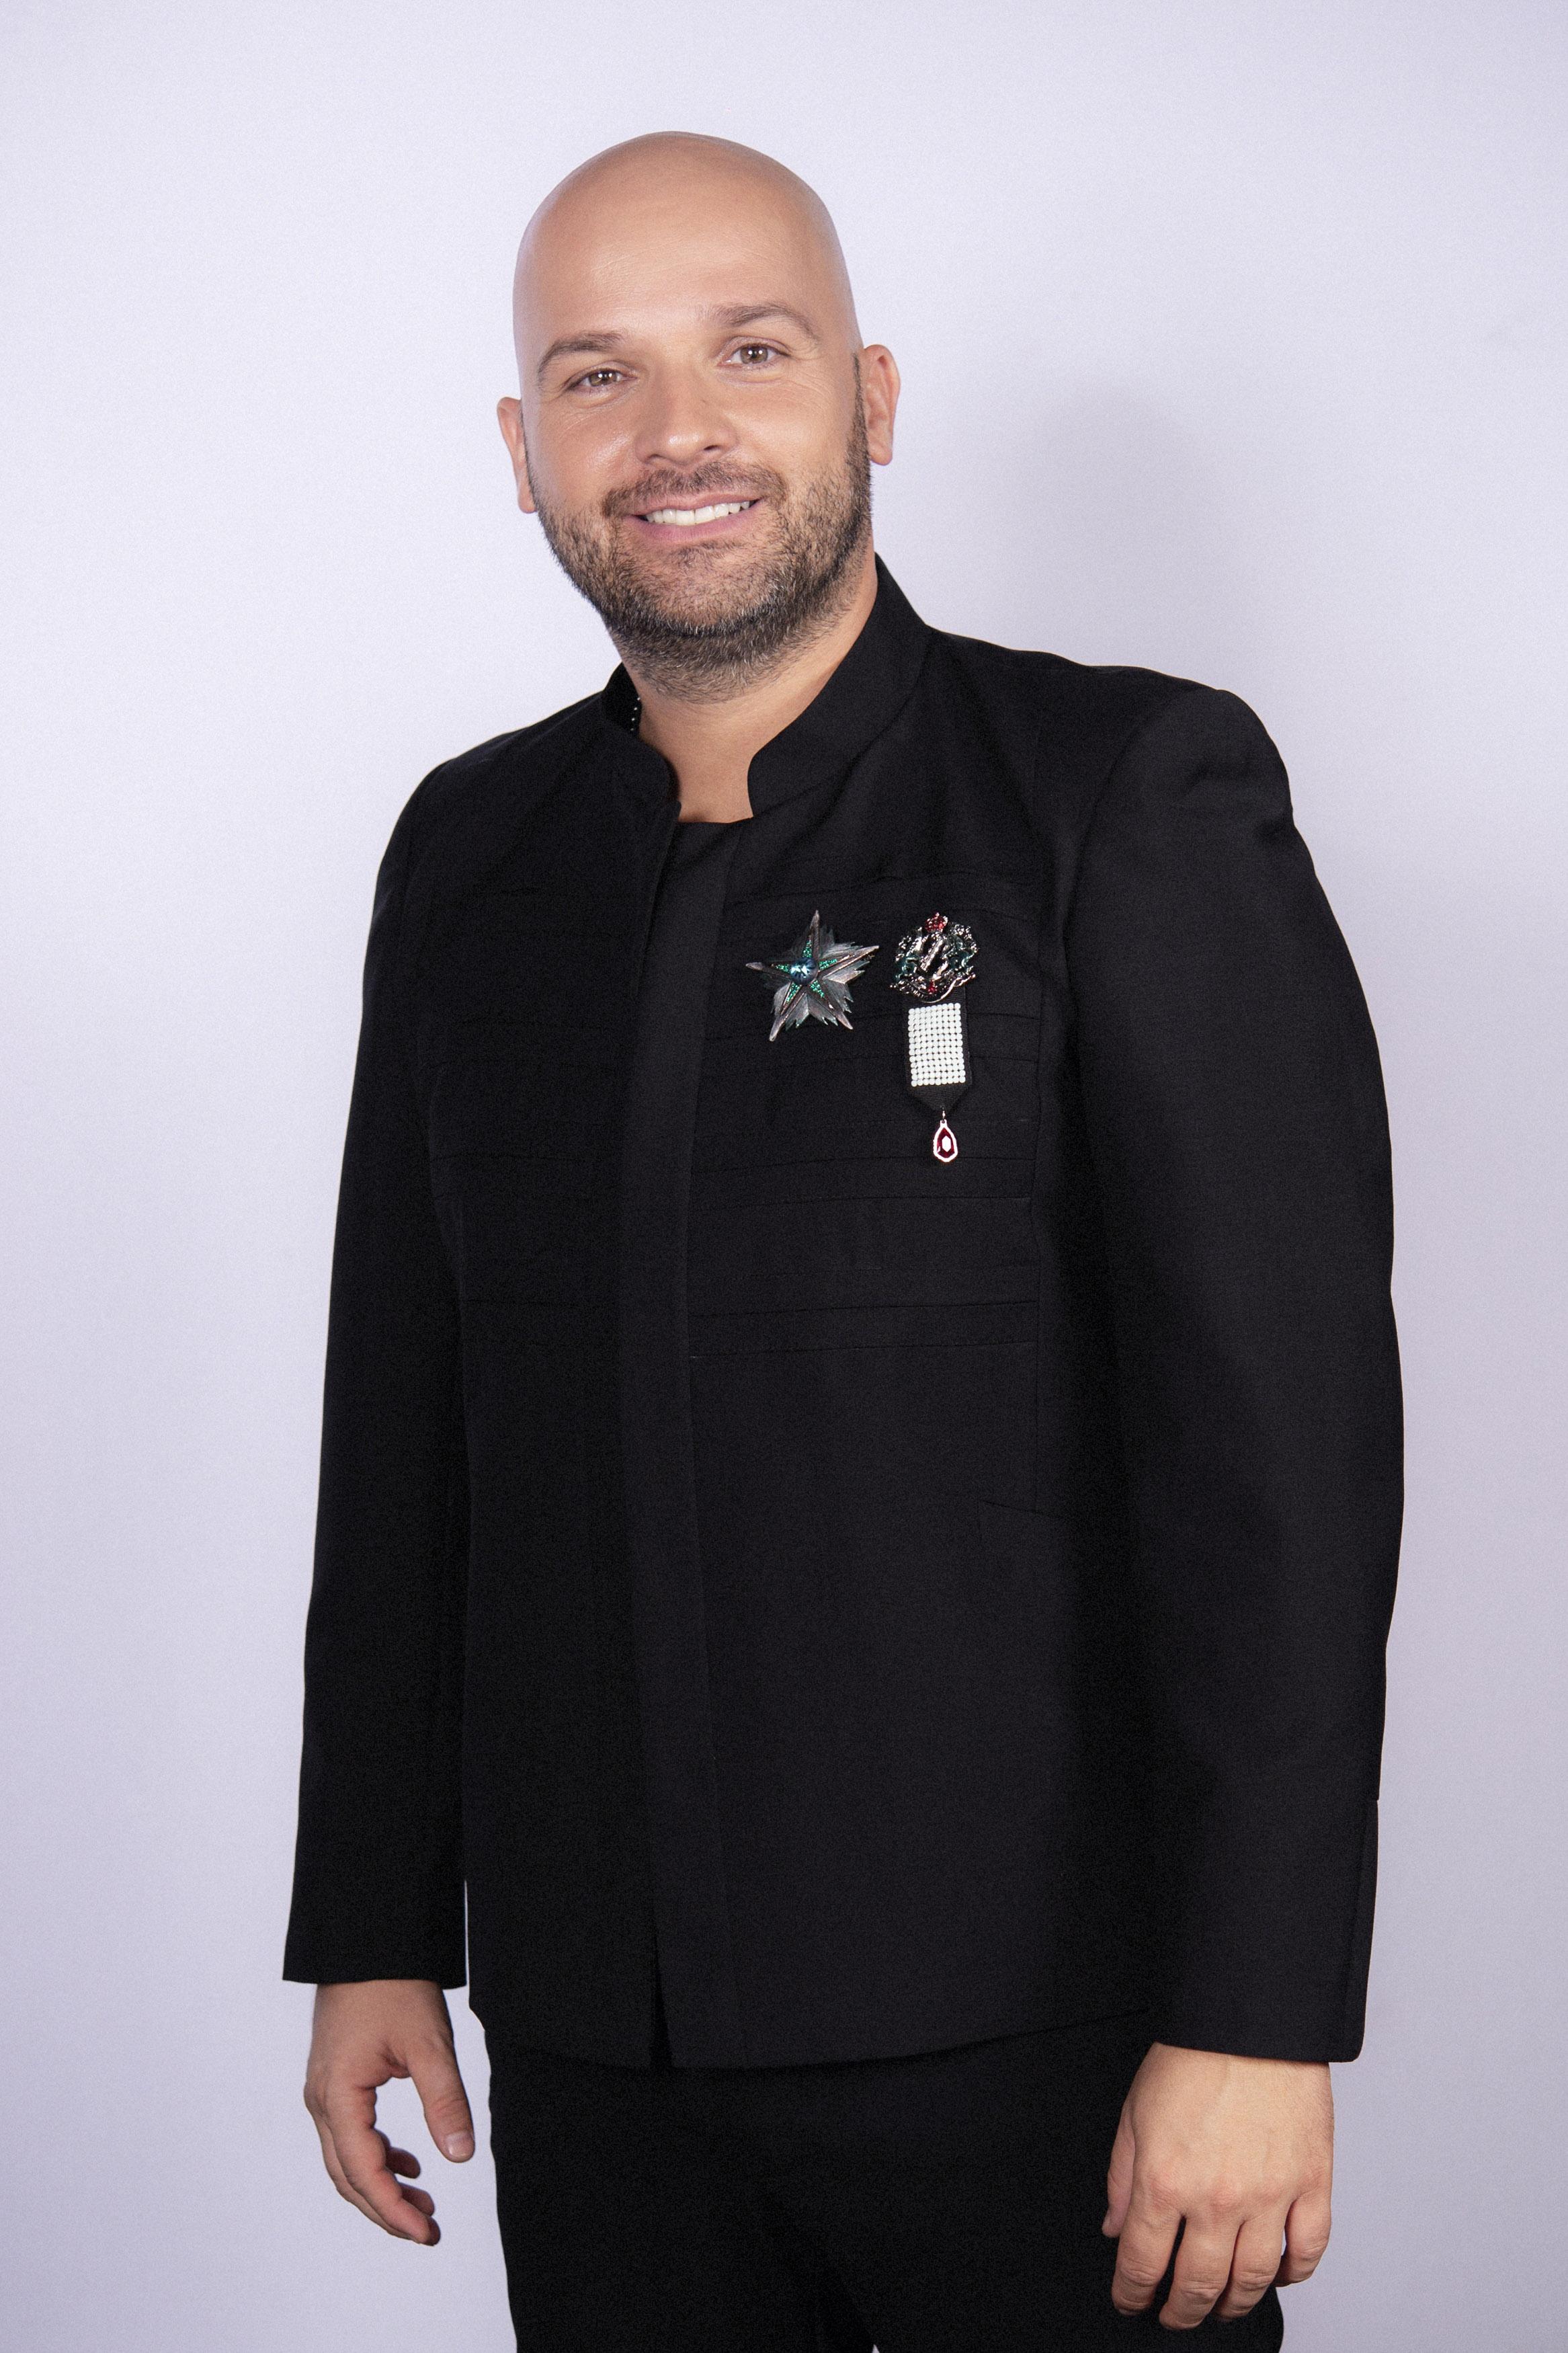 Andrei Stefanescu